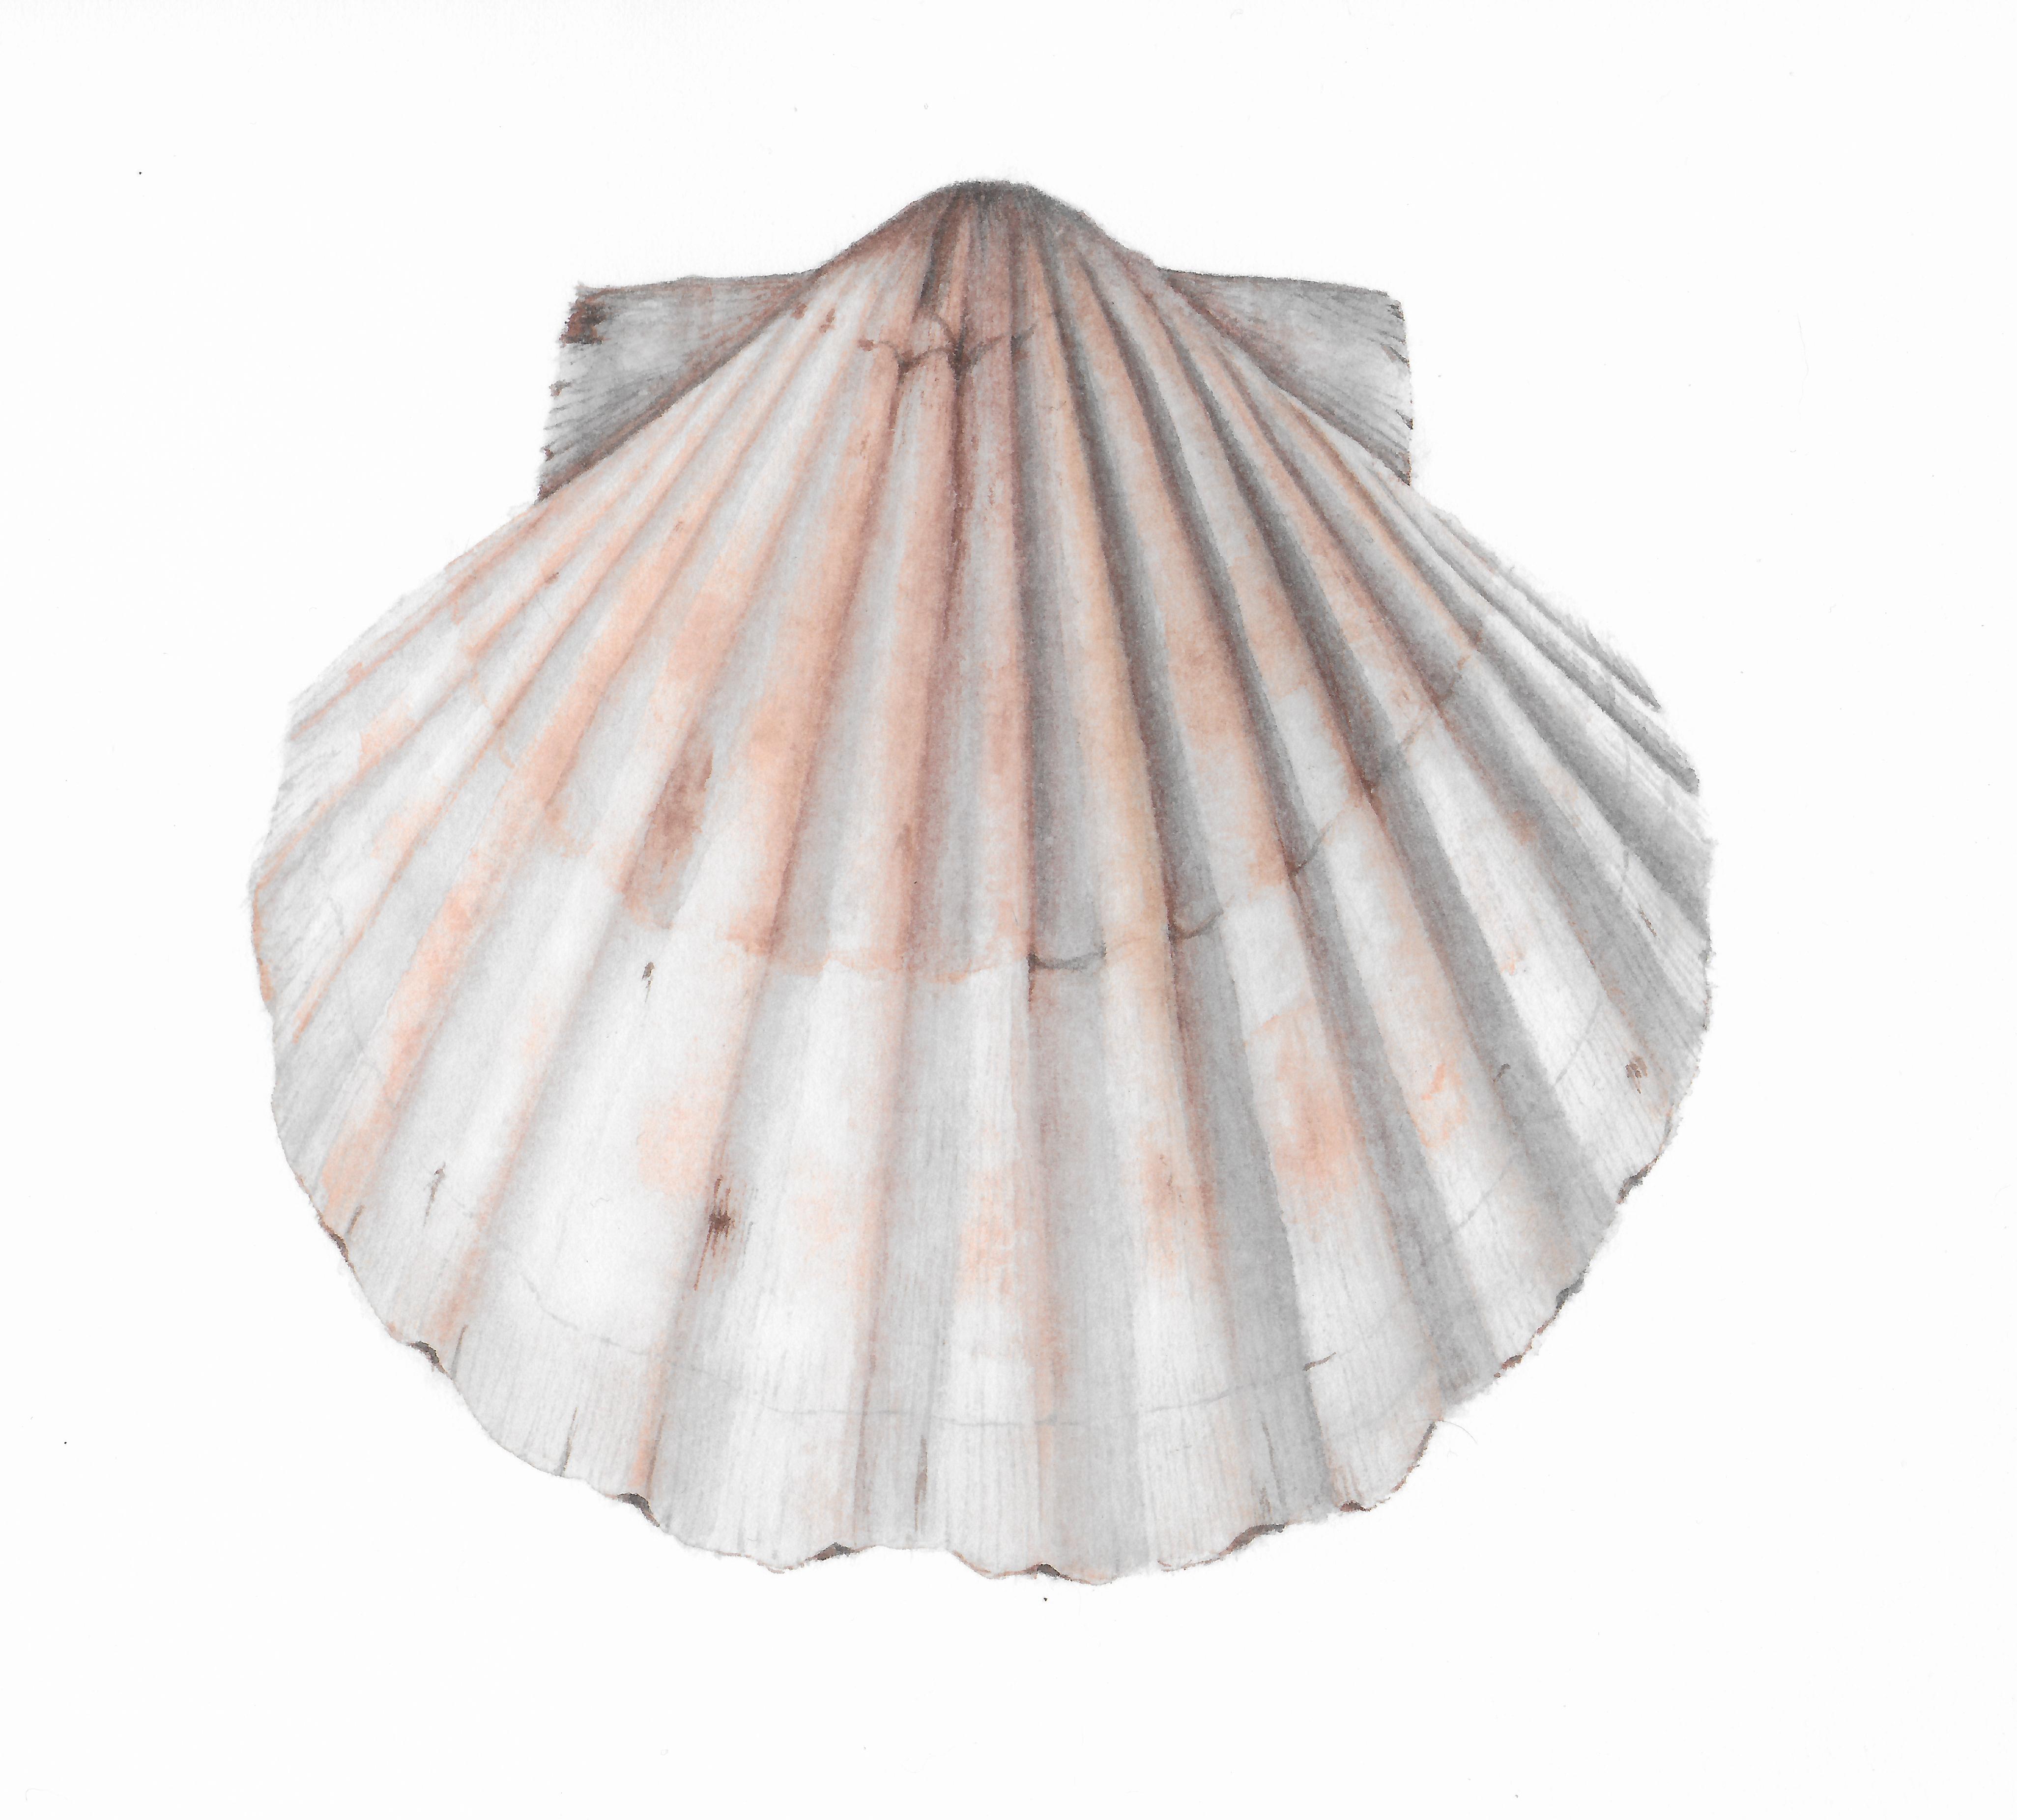 Seashell - Watercolor